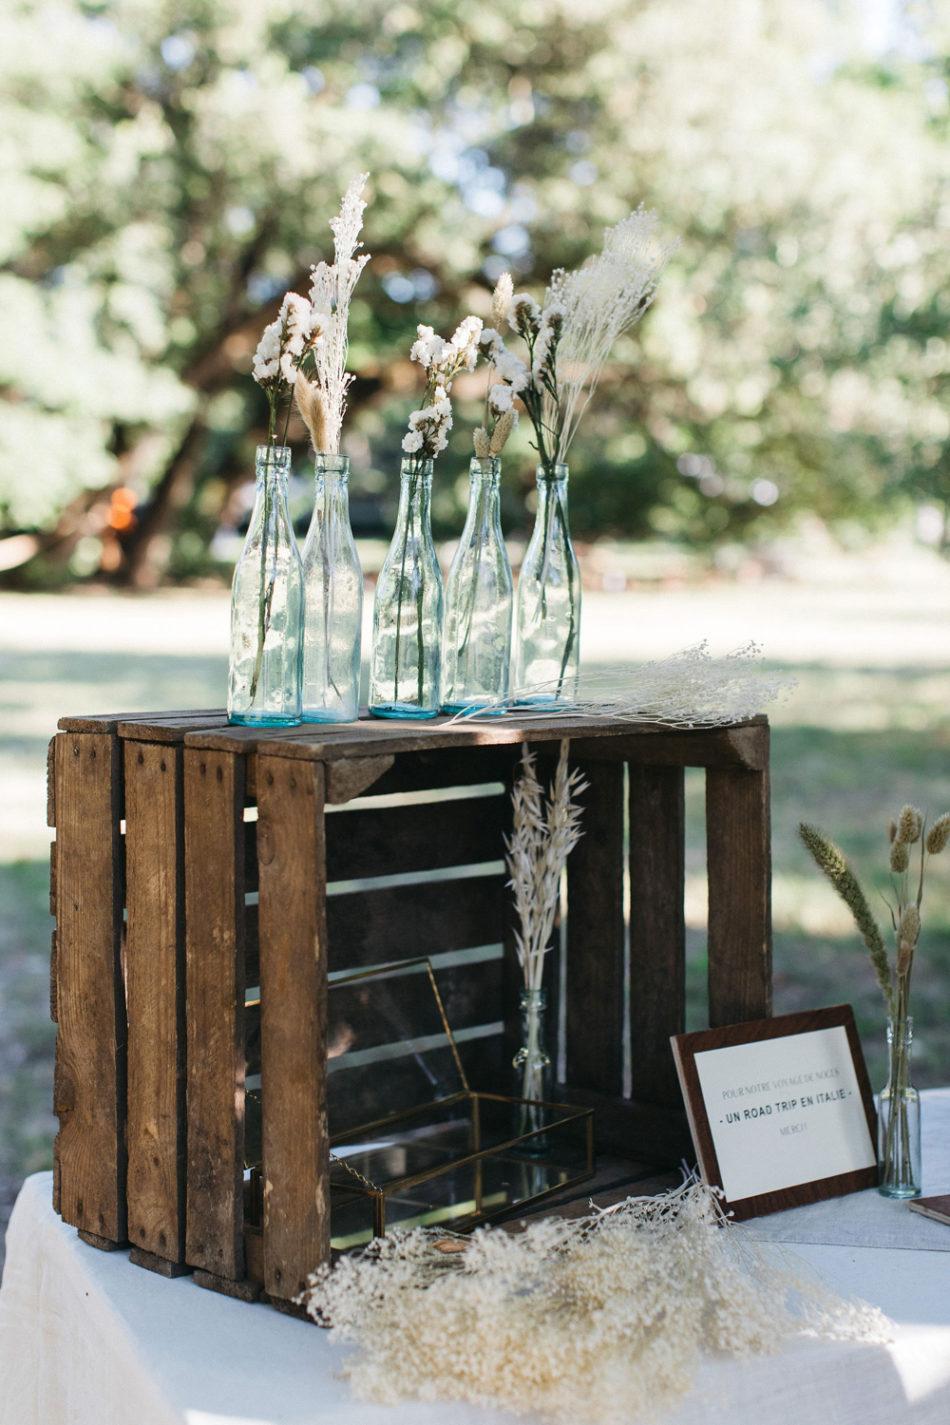 un mariage simple authentique, idee de deco mariage avec des caisses en bois